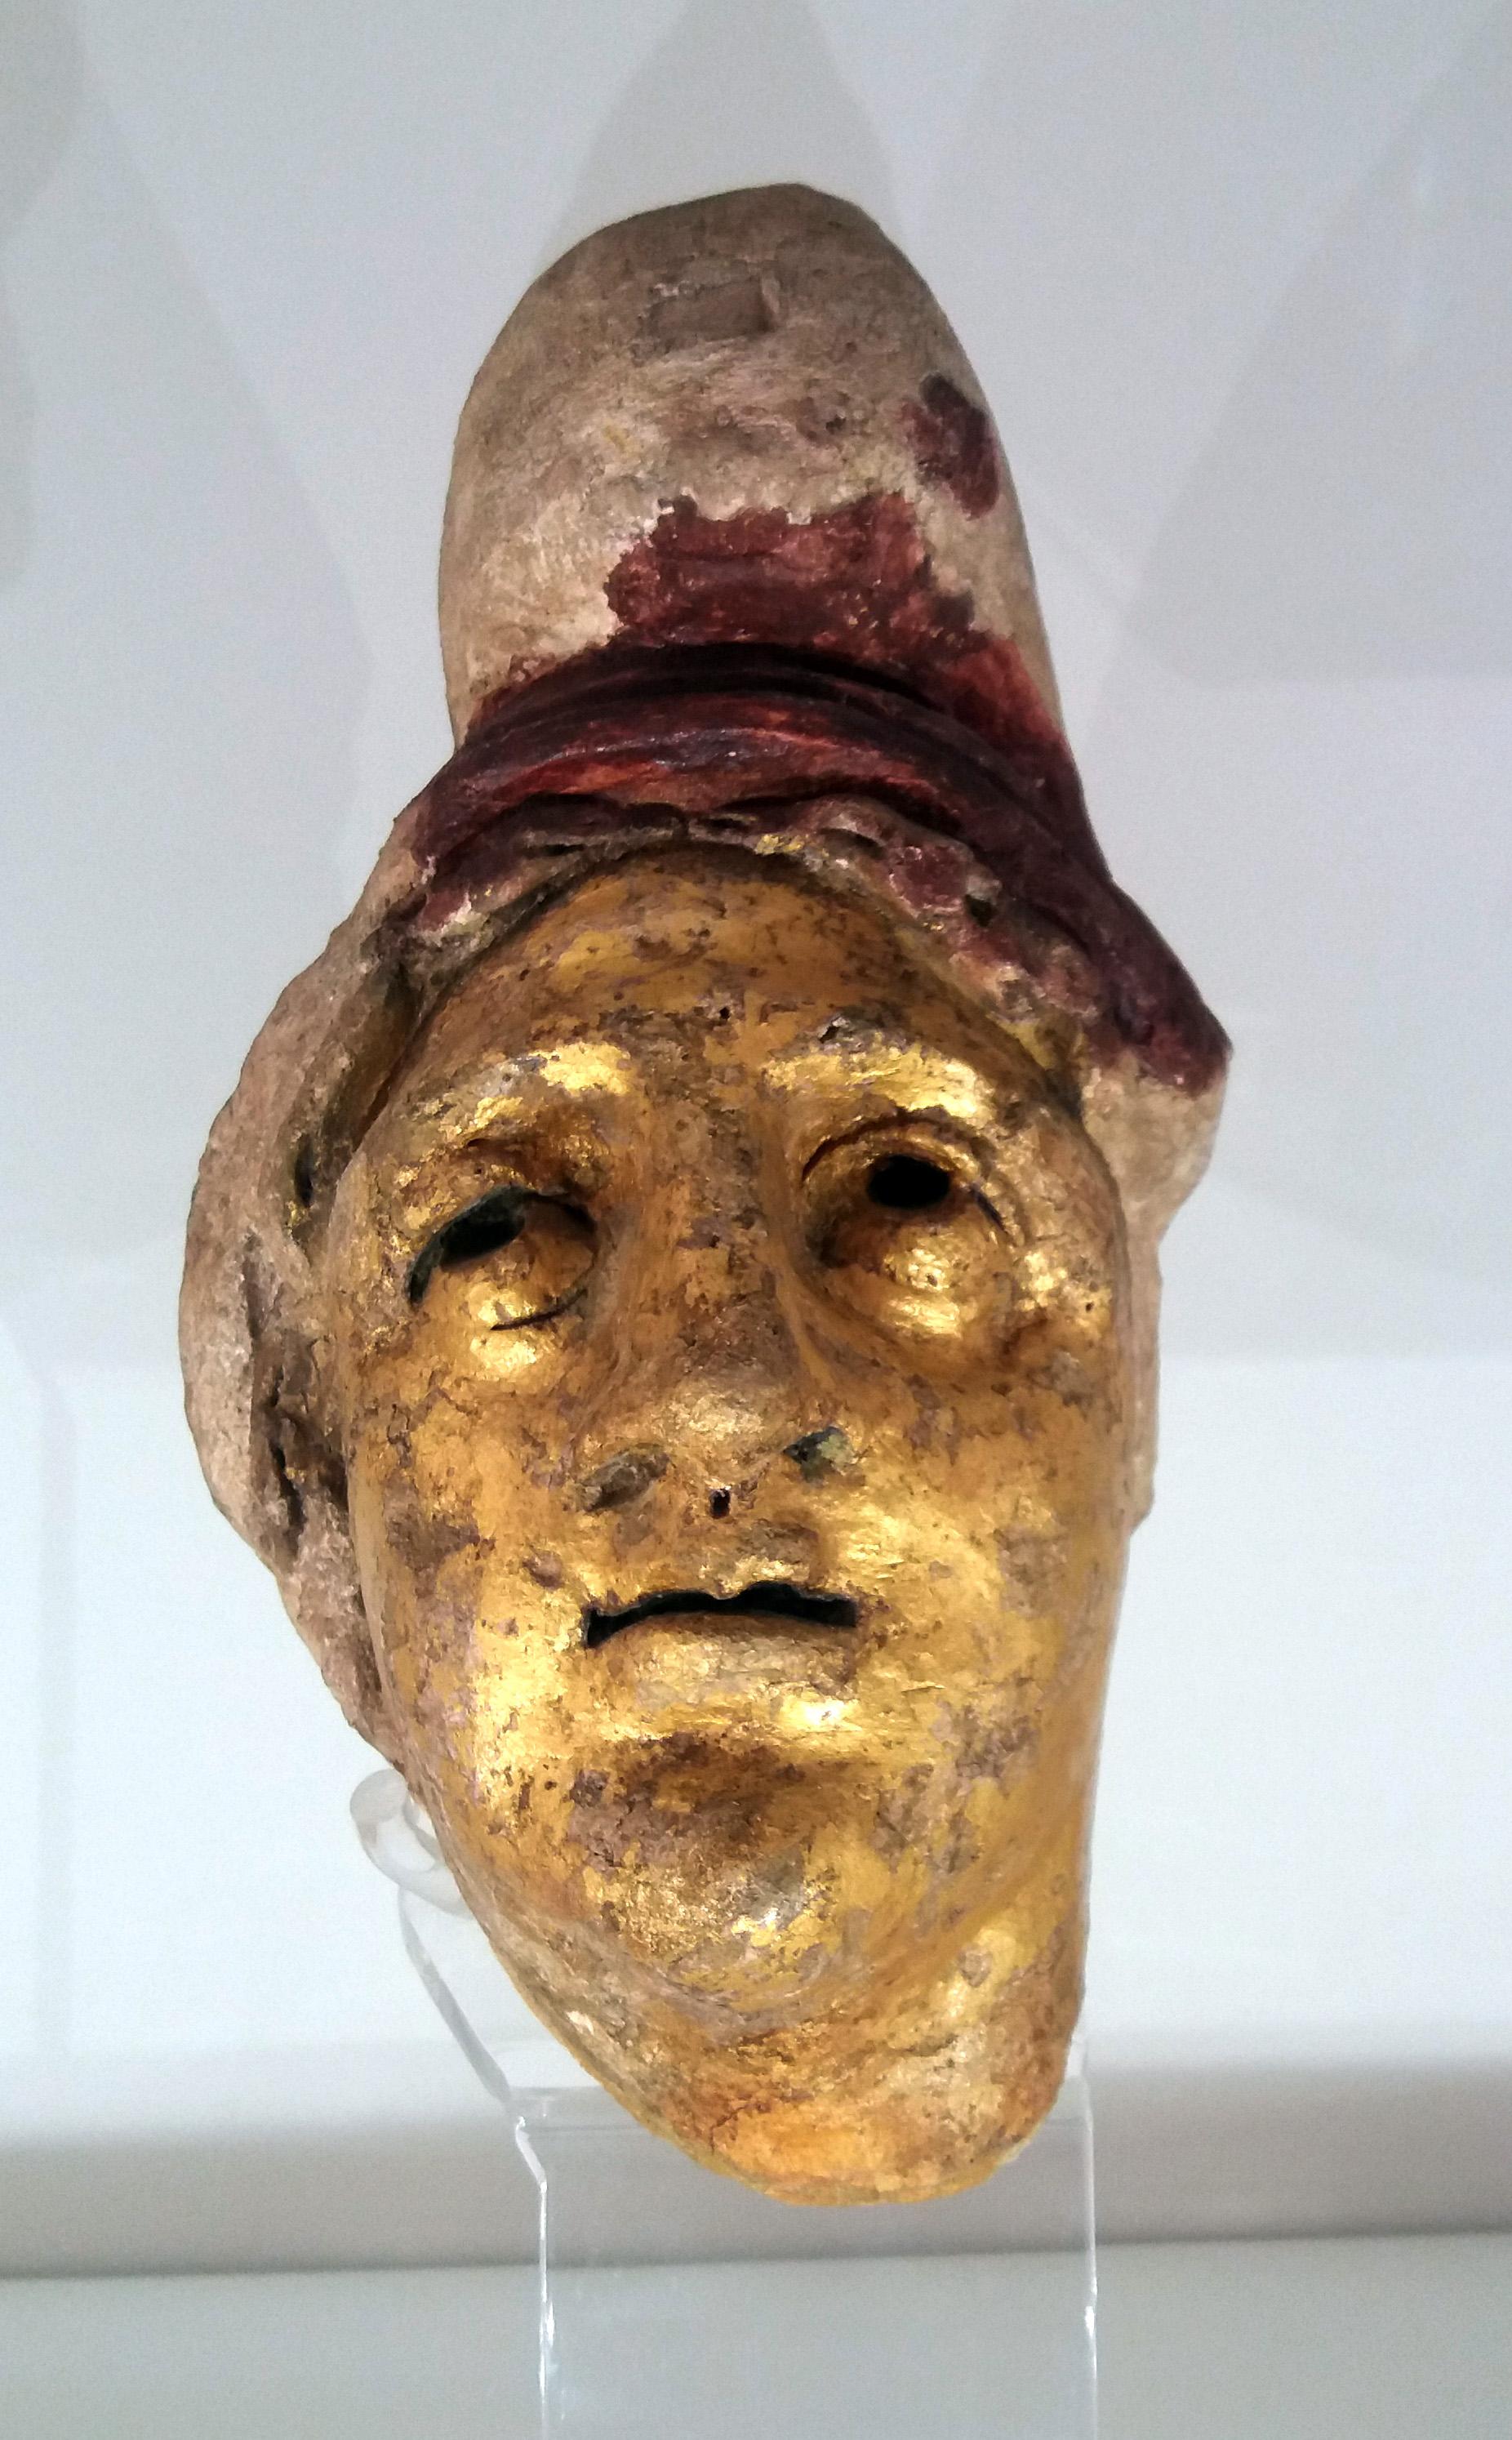 Foto 2: Mithrase pea Castra Peregrinorumi mithraeum'ist (Rooma), Rooma Rahvusmuuseum. Mithrase kullatud pea viitab talle kui päikesejumalale (foto: Jaan Lahe).